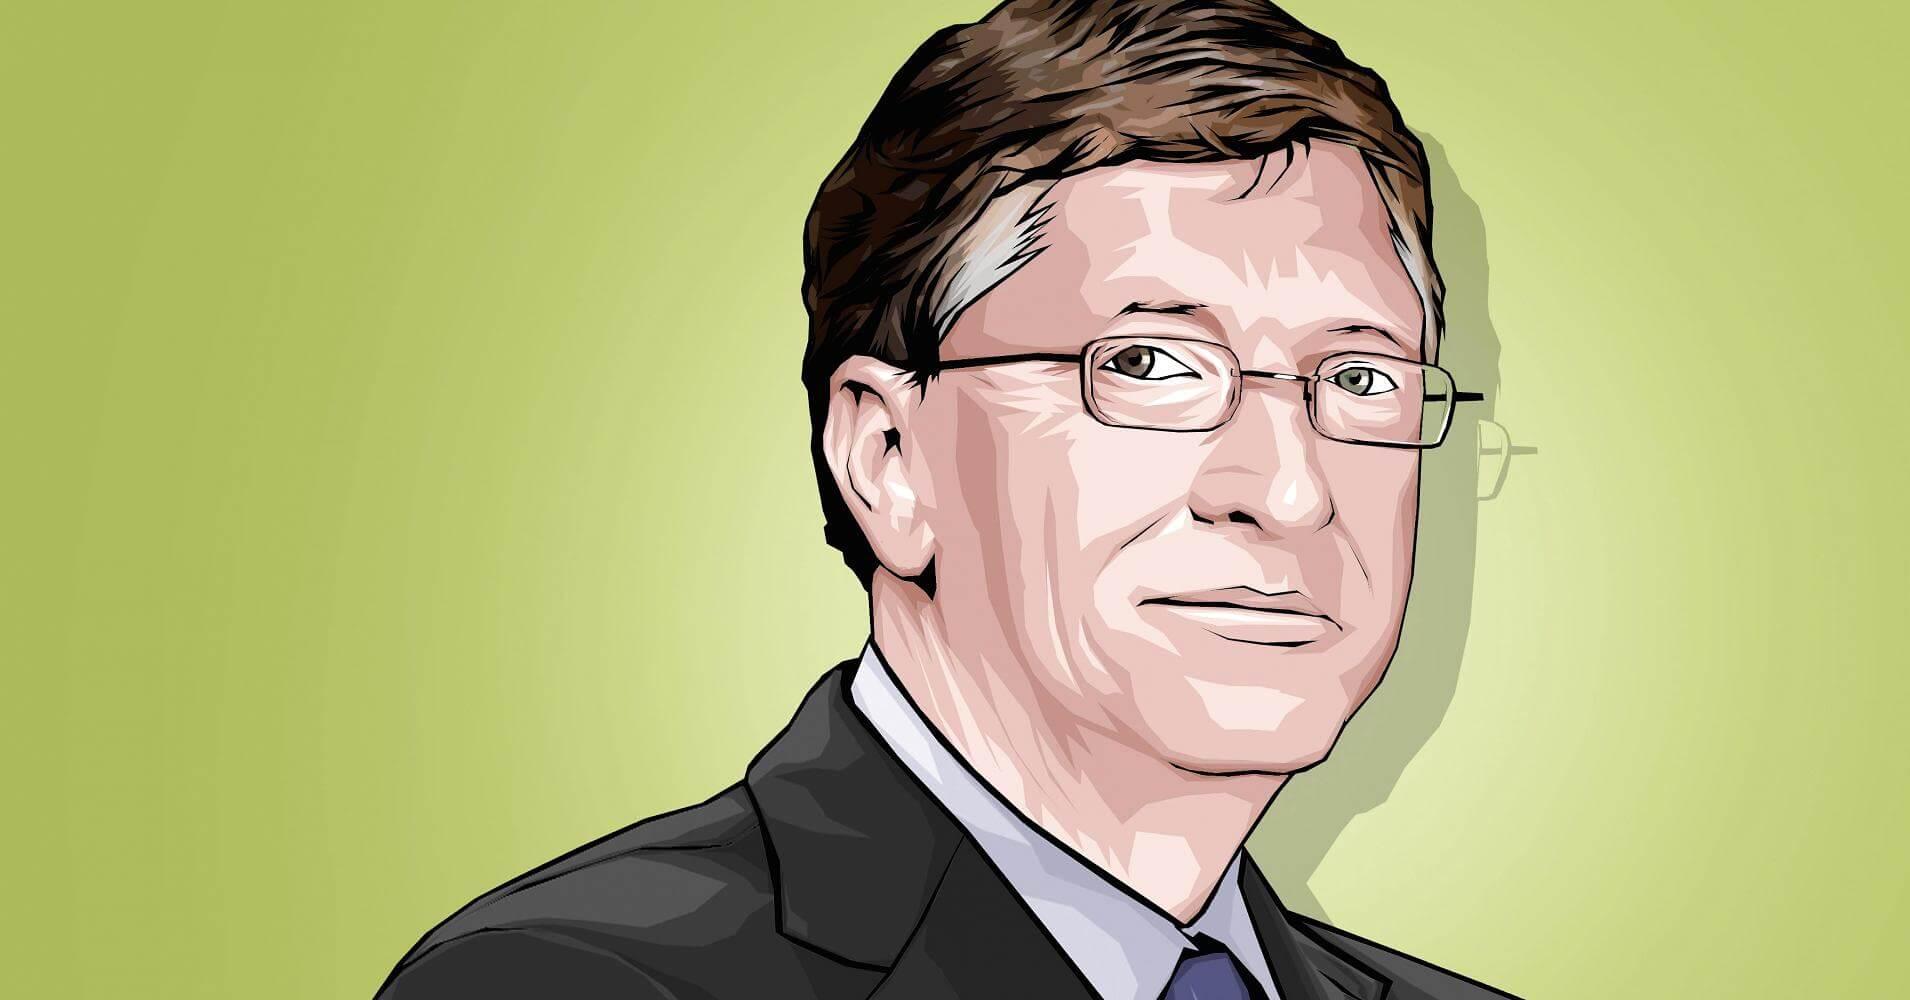 CEO Özelliğine Sahip Olduğunuza Dair 5 İşaret